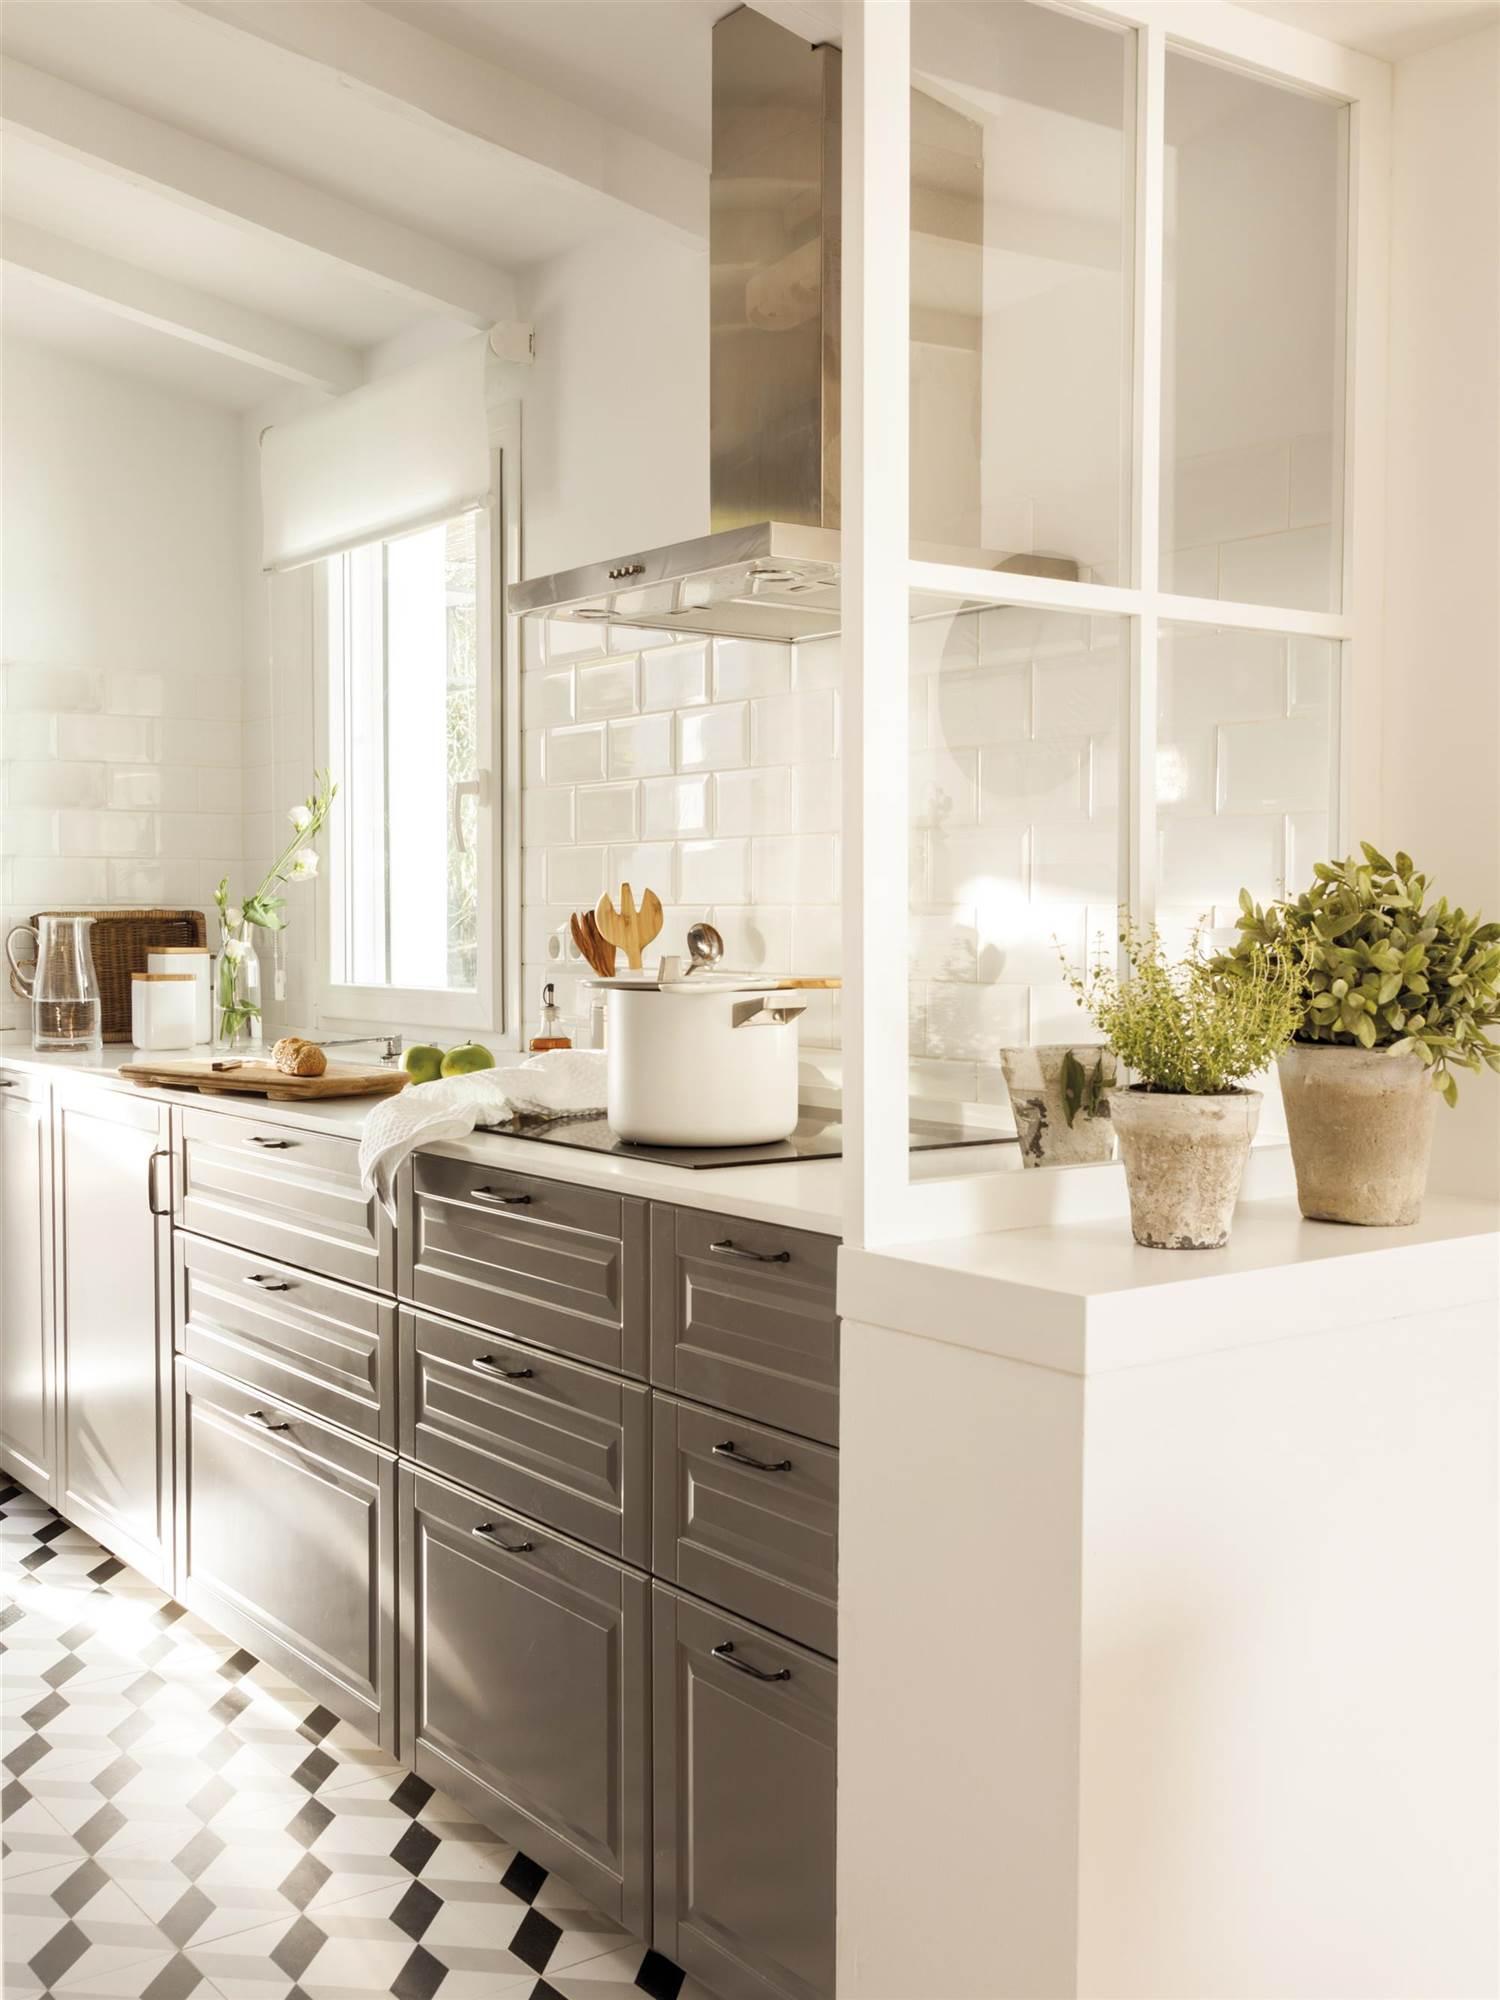 756 Fotos de Muebles de cocina - Pagina 2